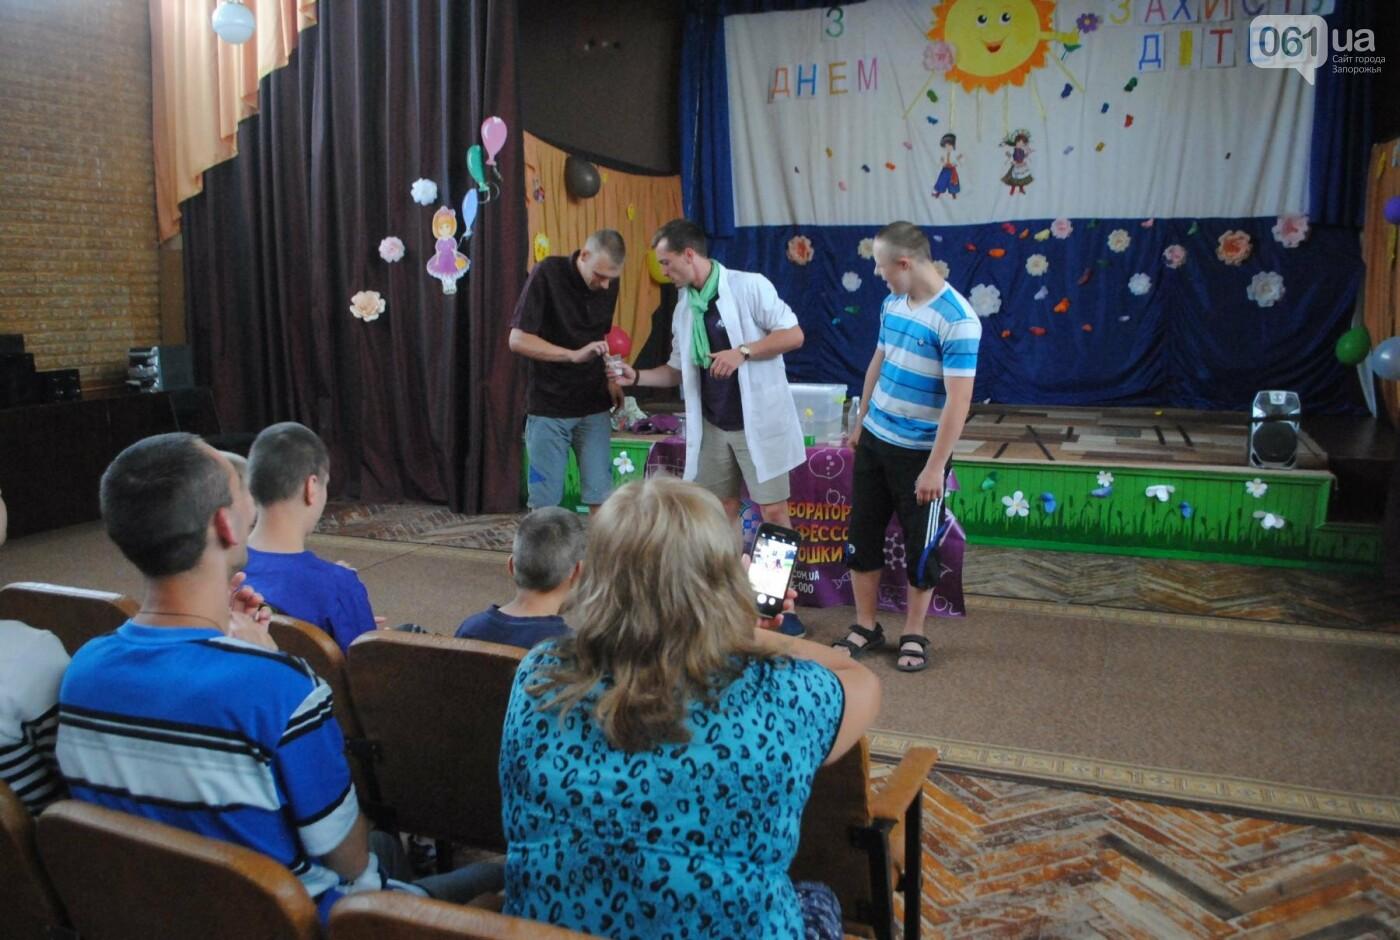 Фонд Александра Петровского поздравил воспитанников интерната, фото-19